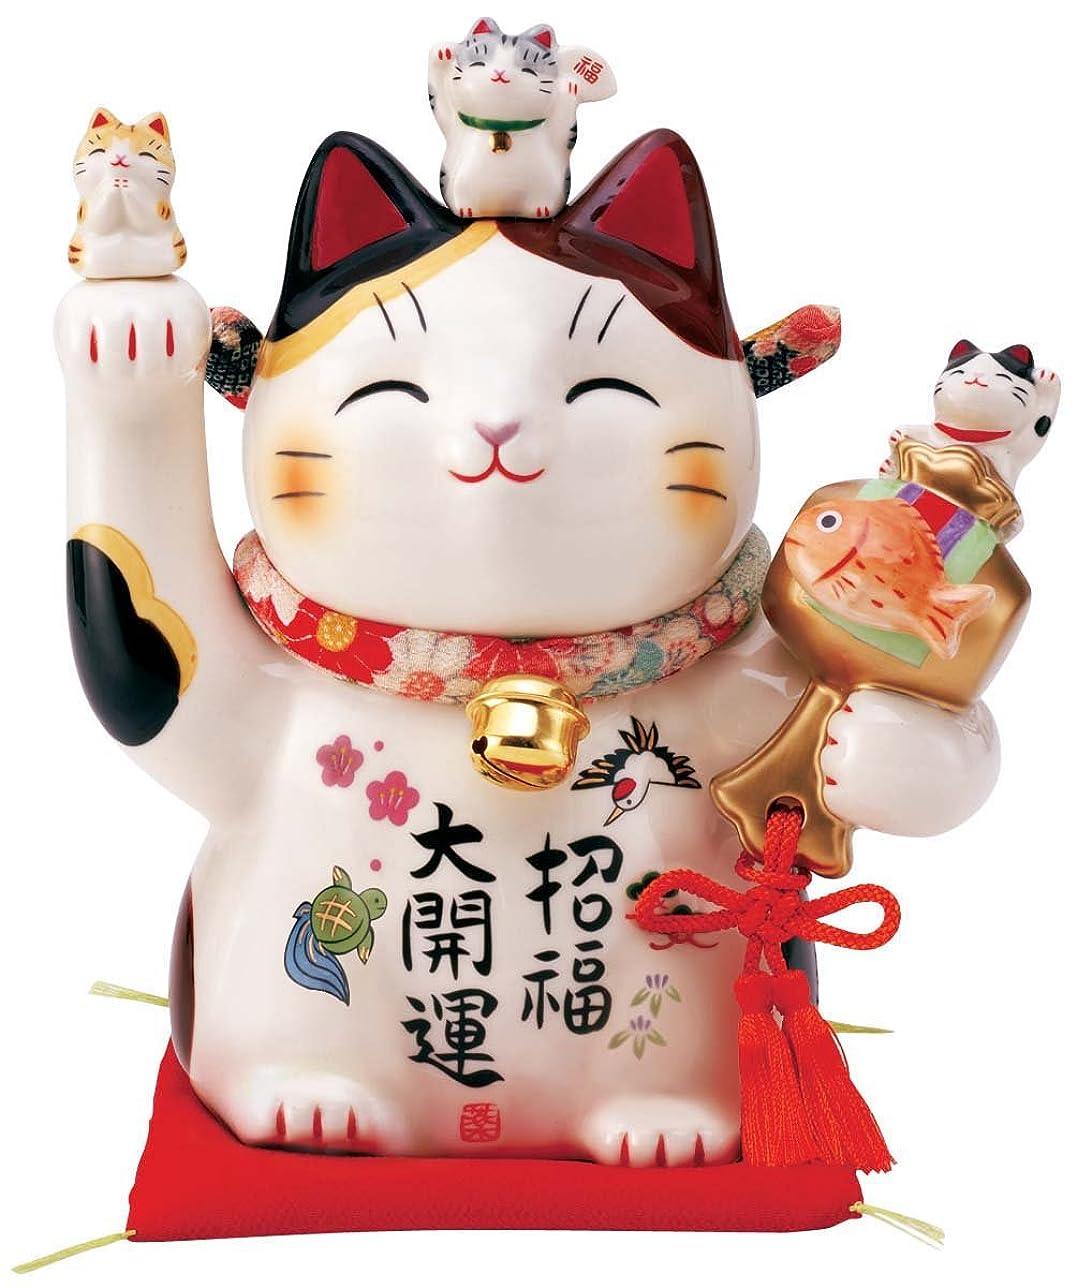 友だち簿記係最悪彩絵招福大開運招き猫(ちりめん首輪付6号) 7595